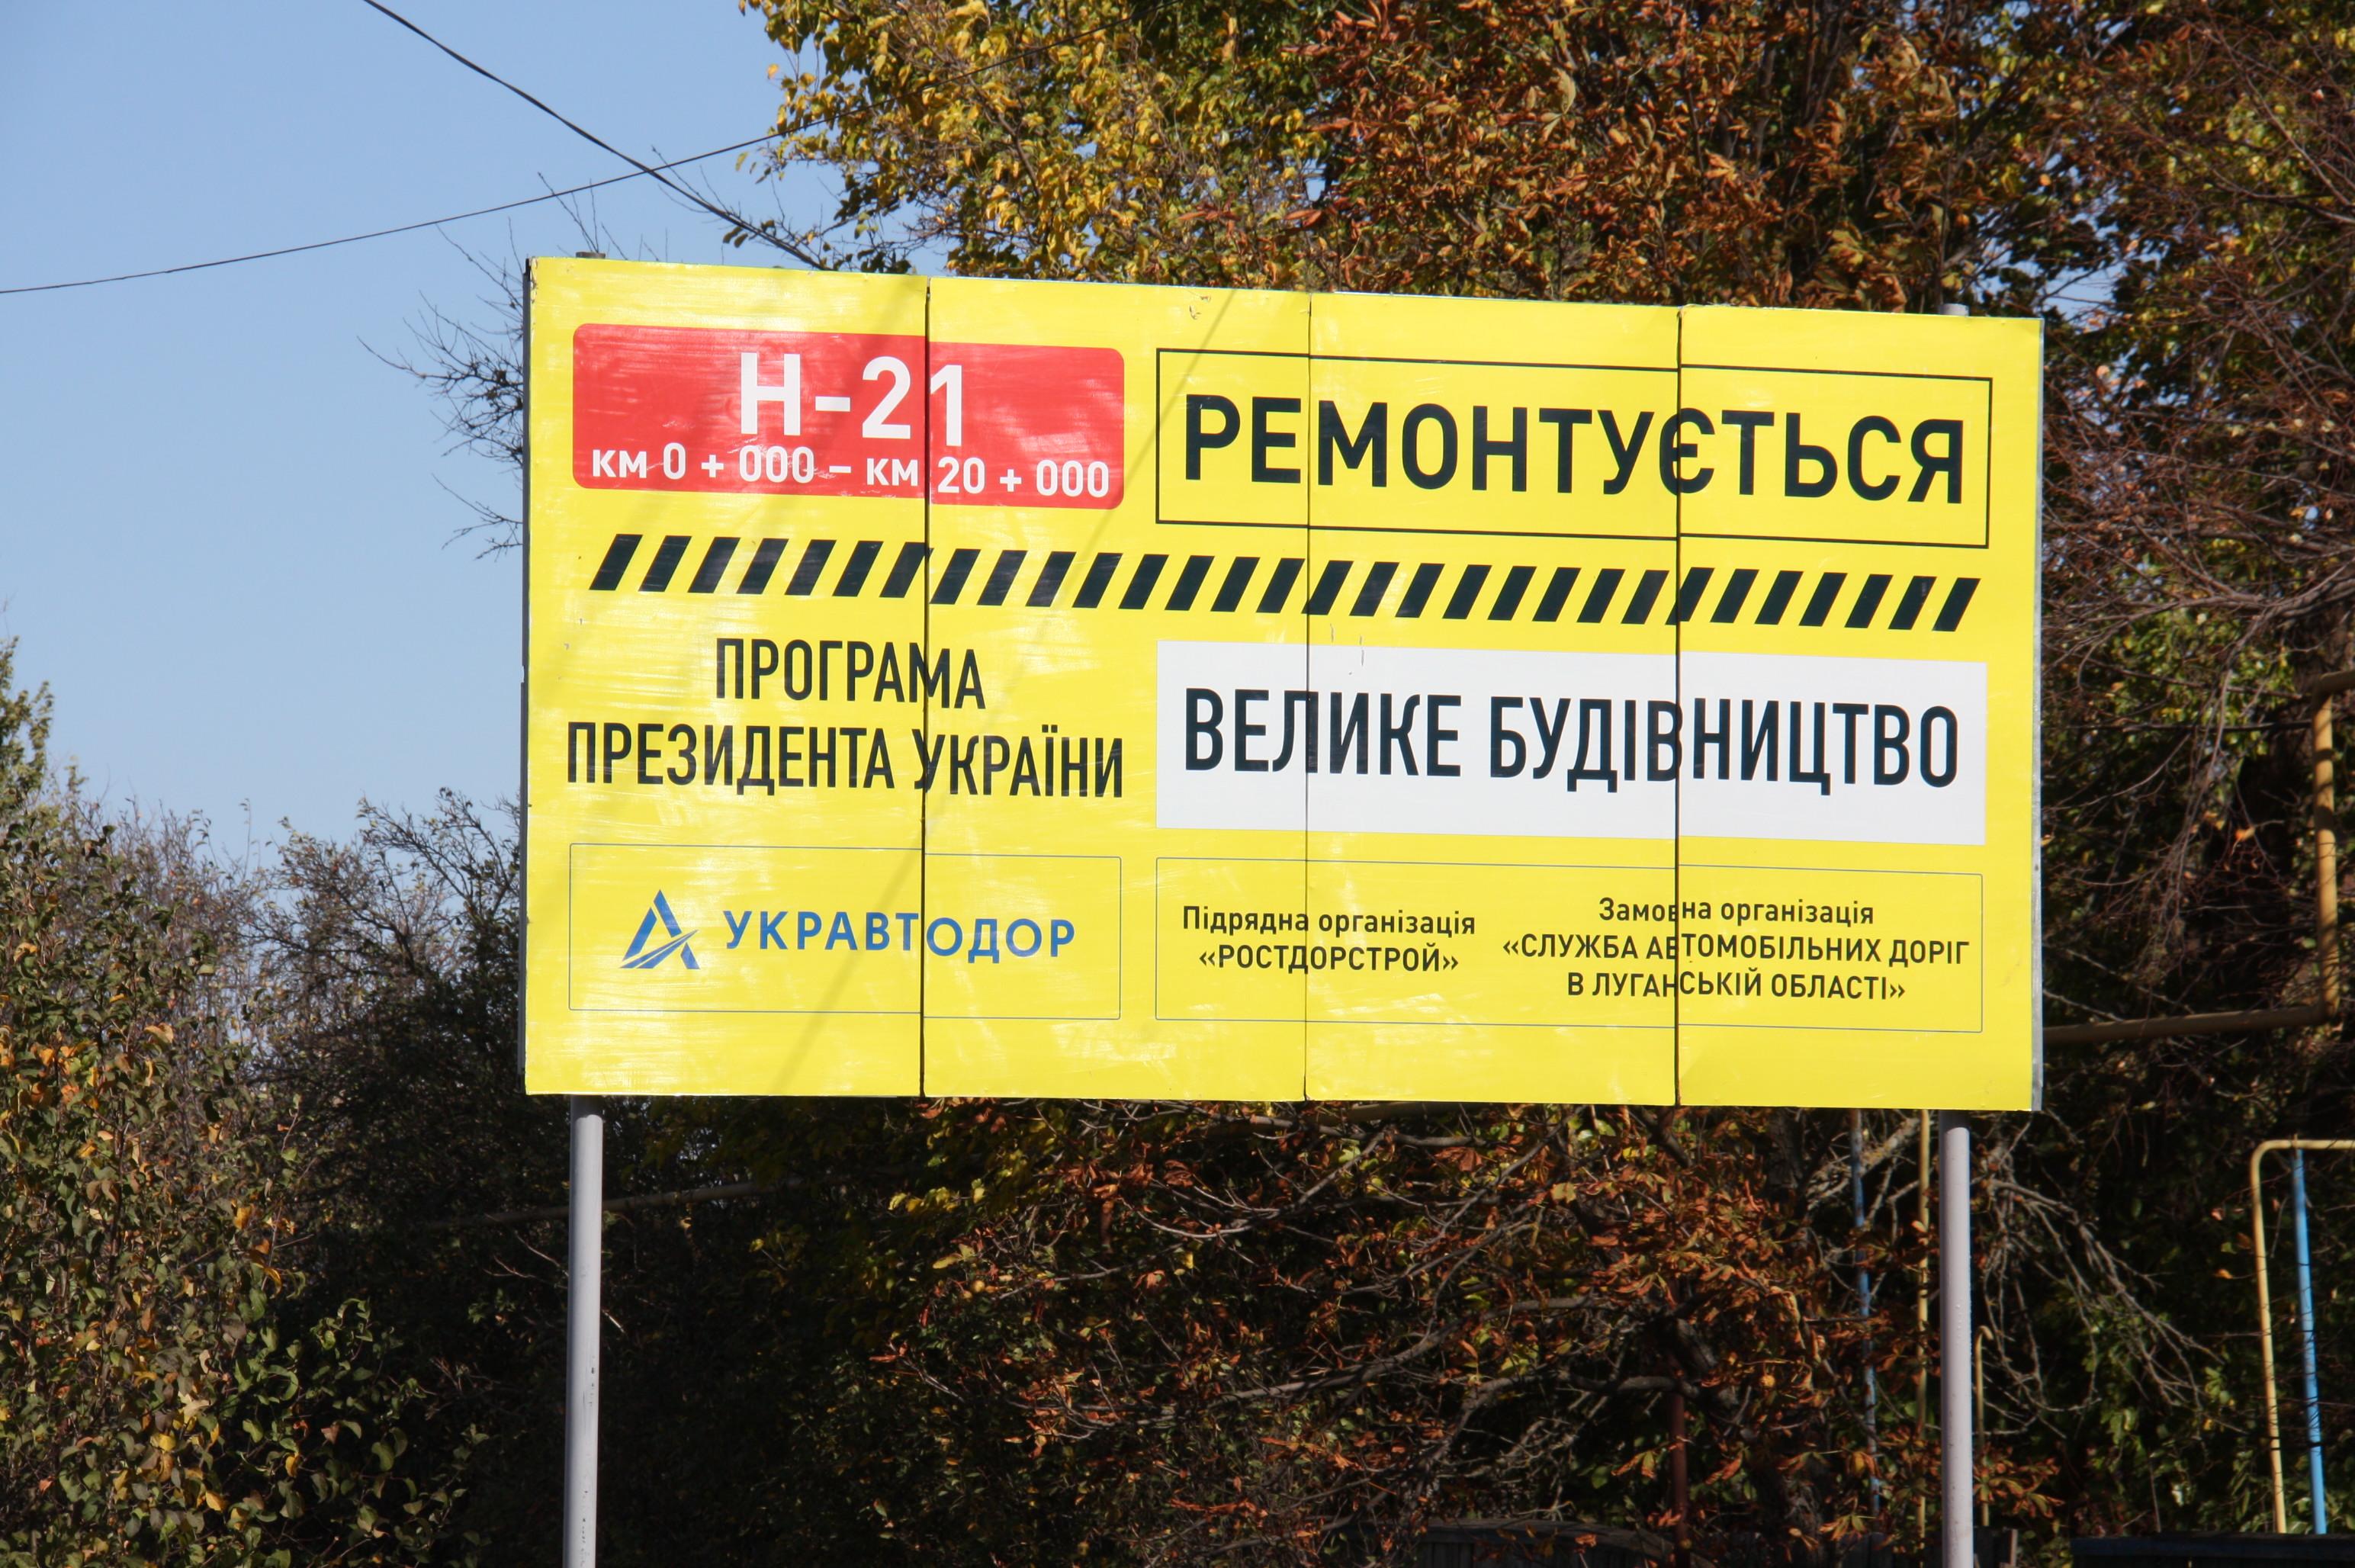 Такі дорожні вказівники заполонили автошляхи України, які ввійшли в програму «Велике будівництво»